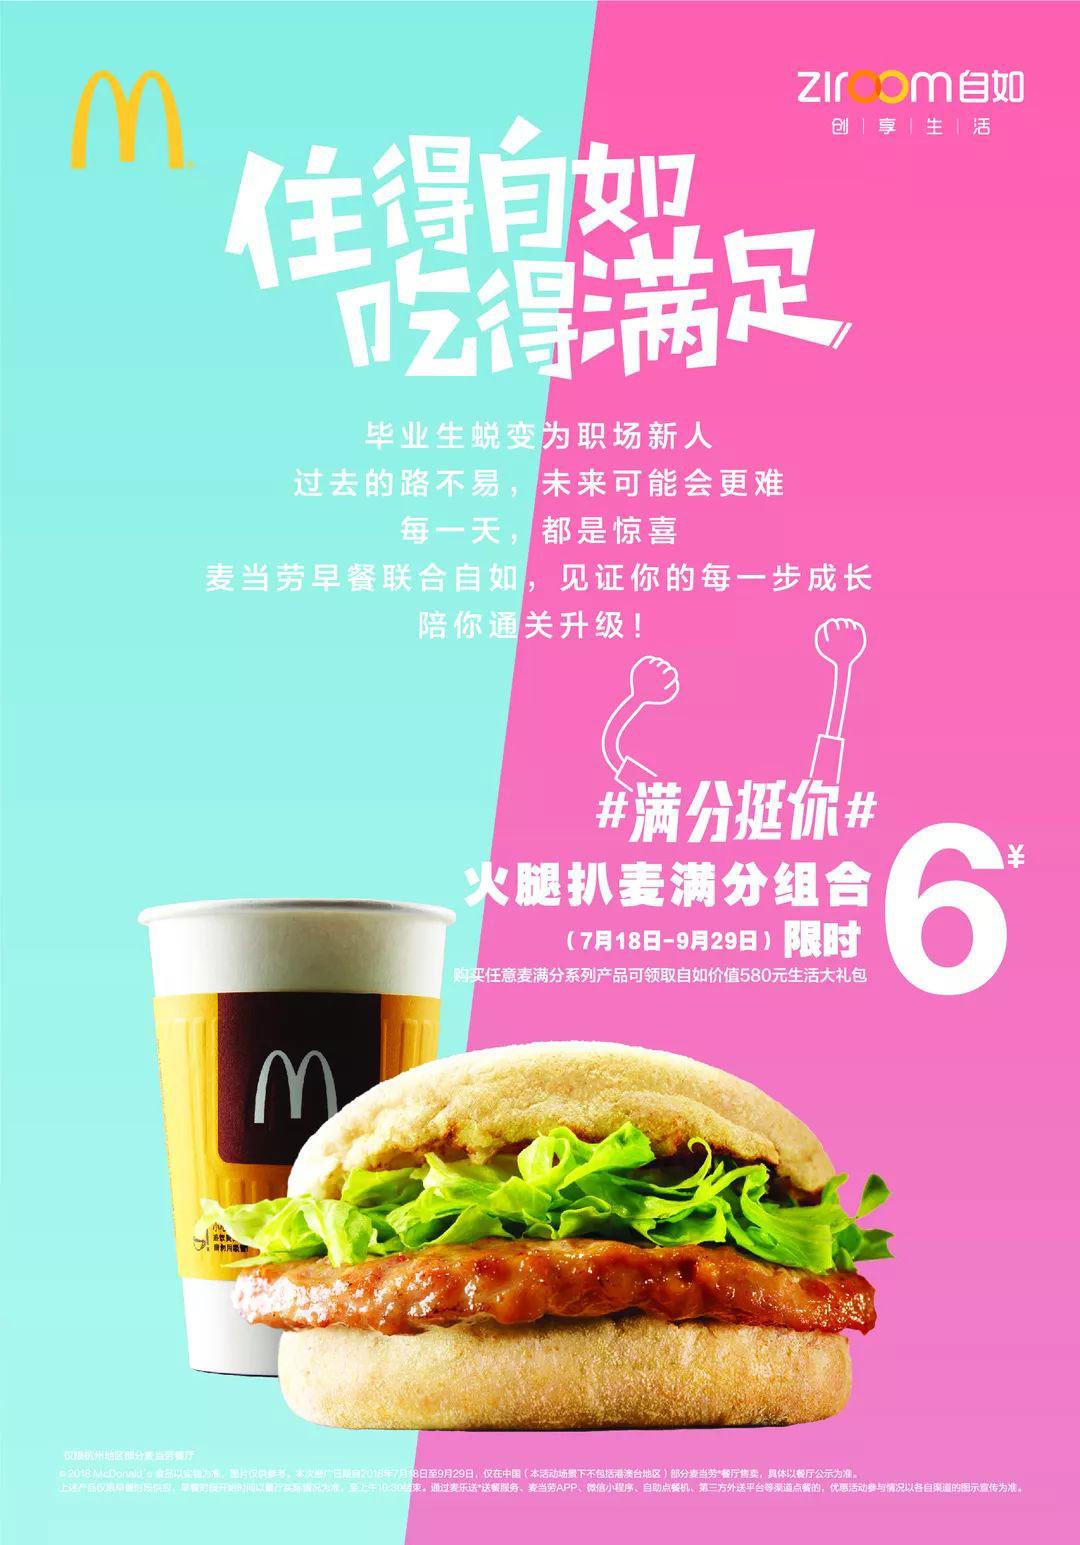 麦当劳限时6元早餐,满分挺你!杭州地区还有大礼包